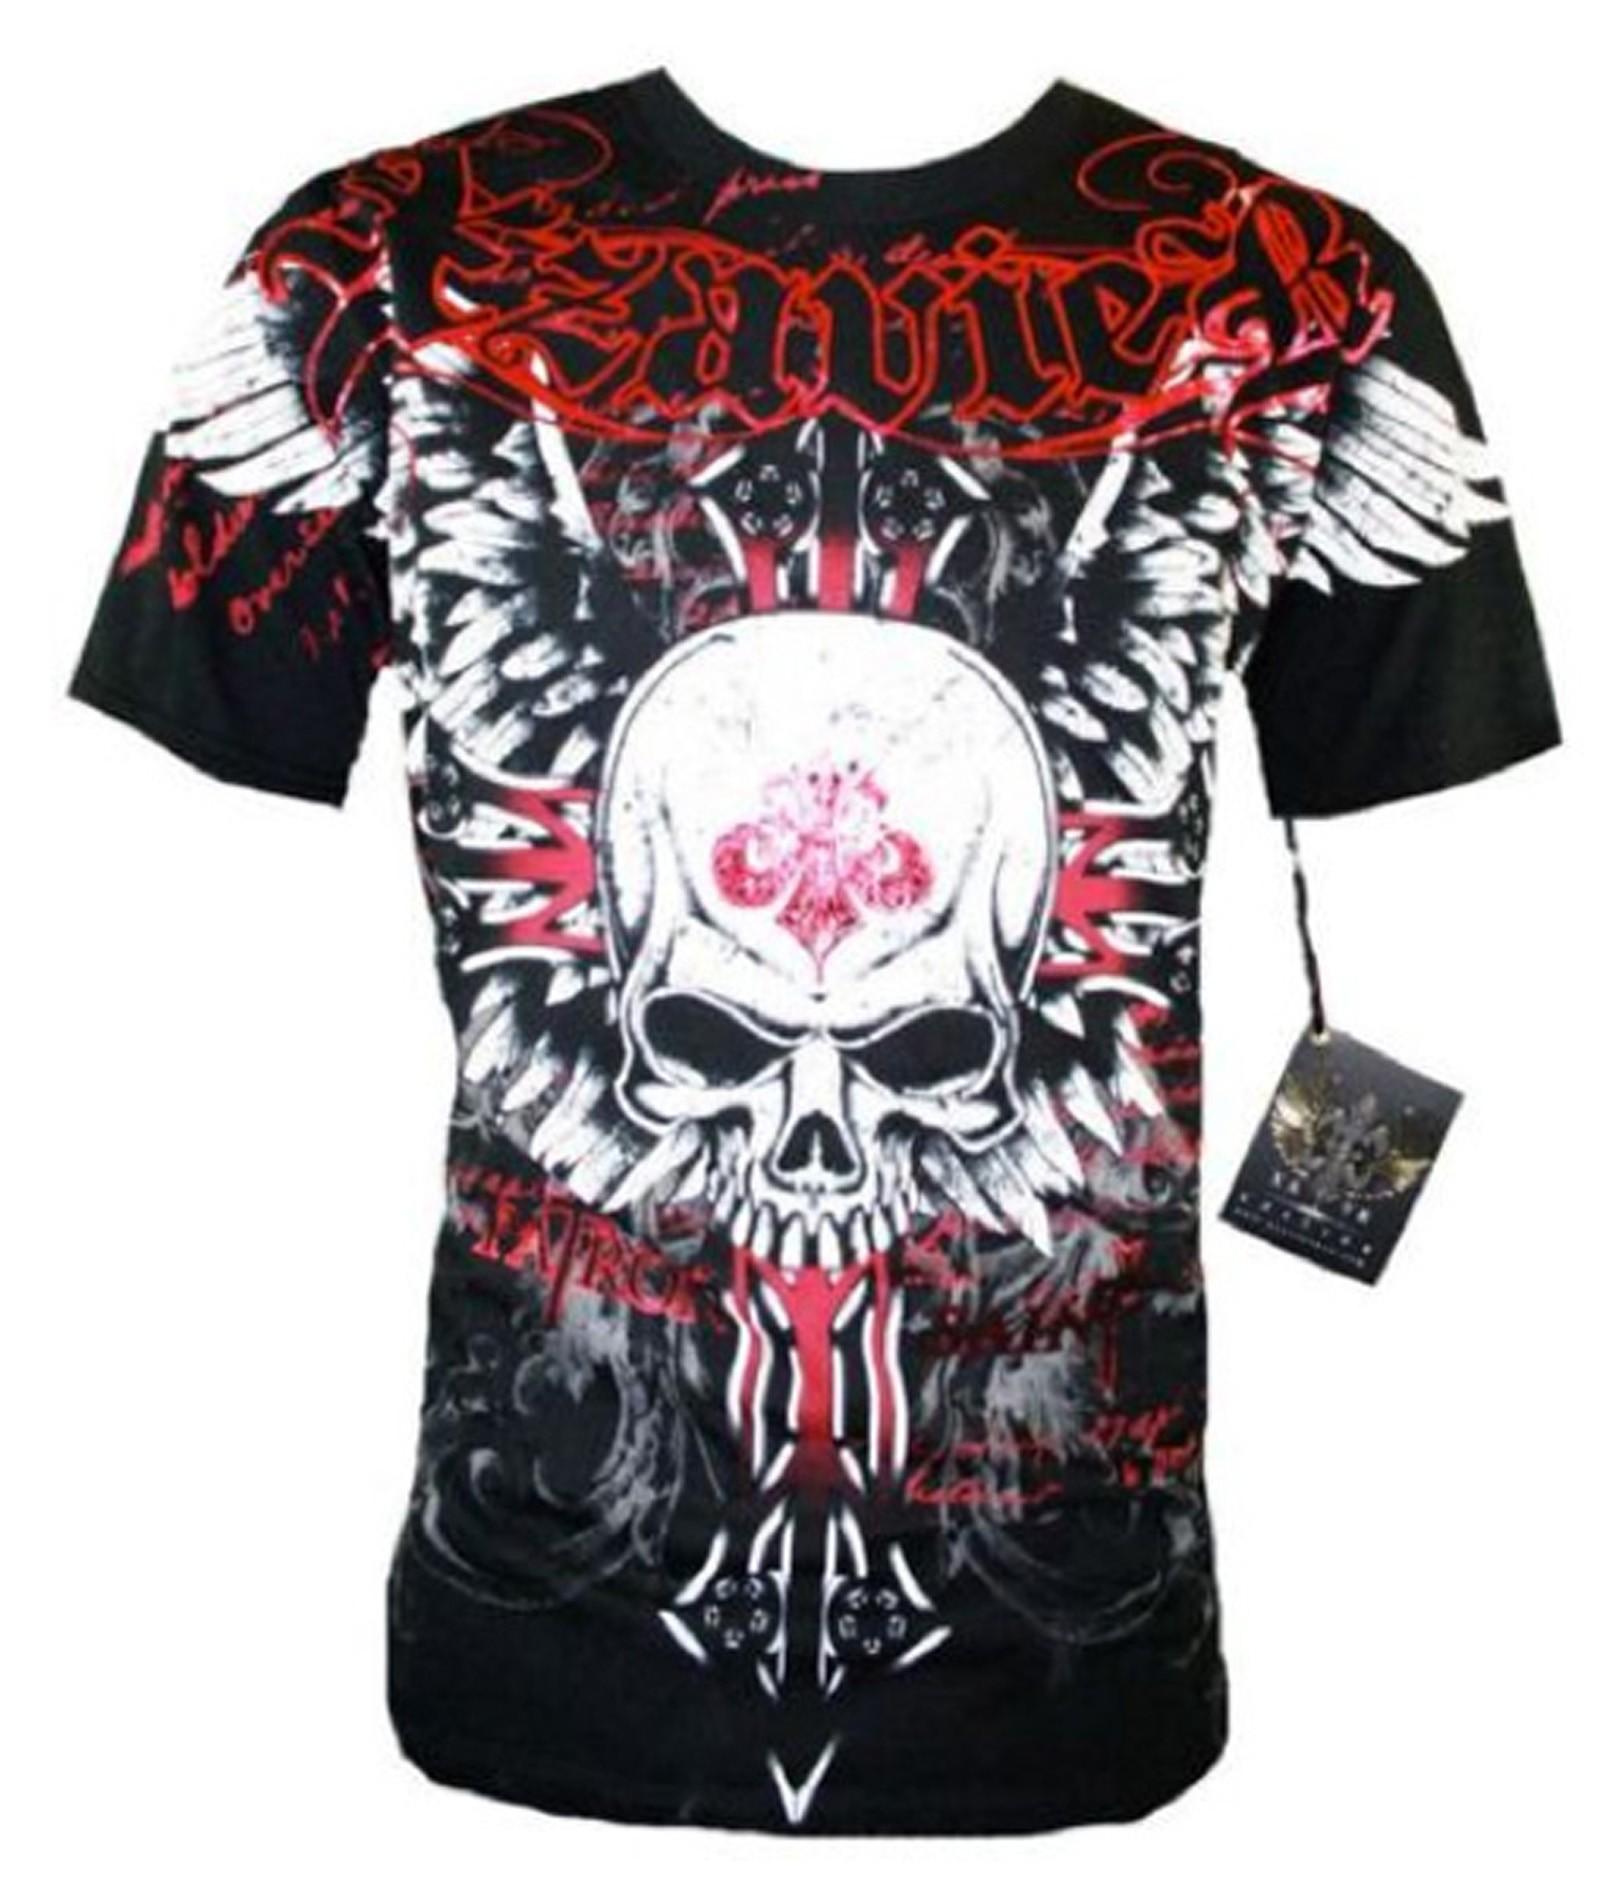 Xzavier - Unforgiven Skull T-Shirt Front